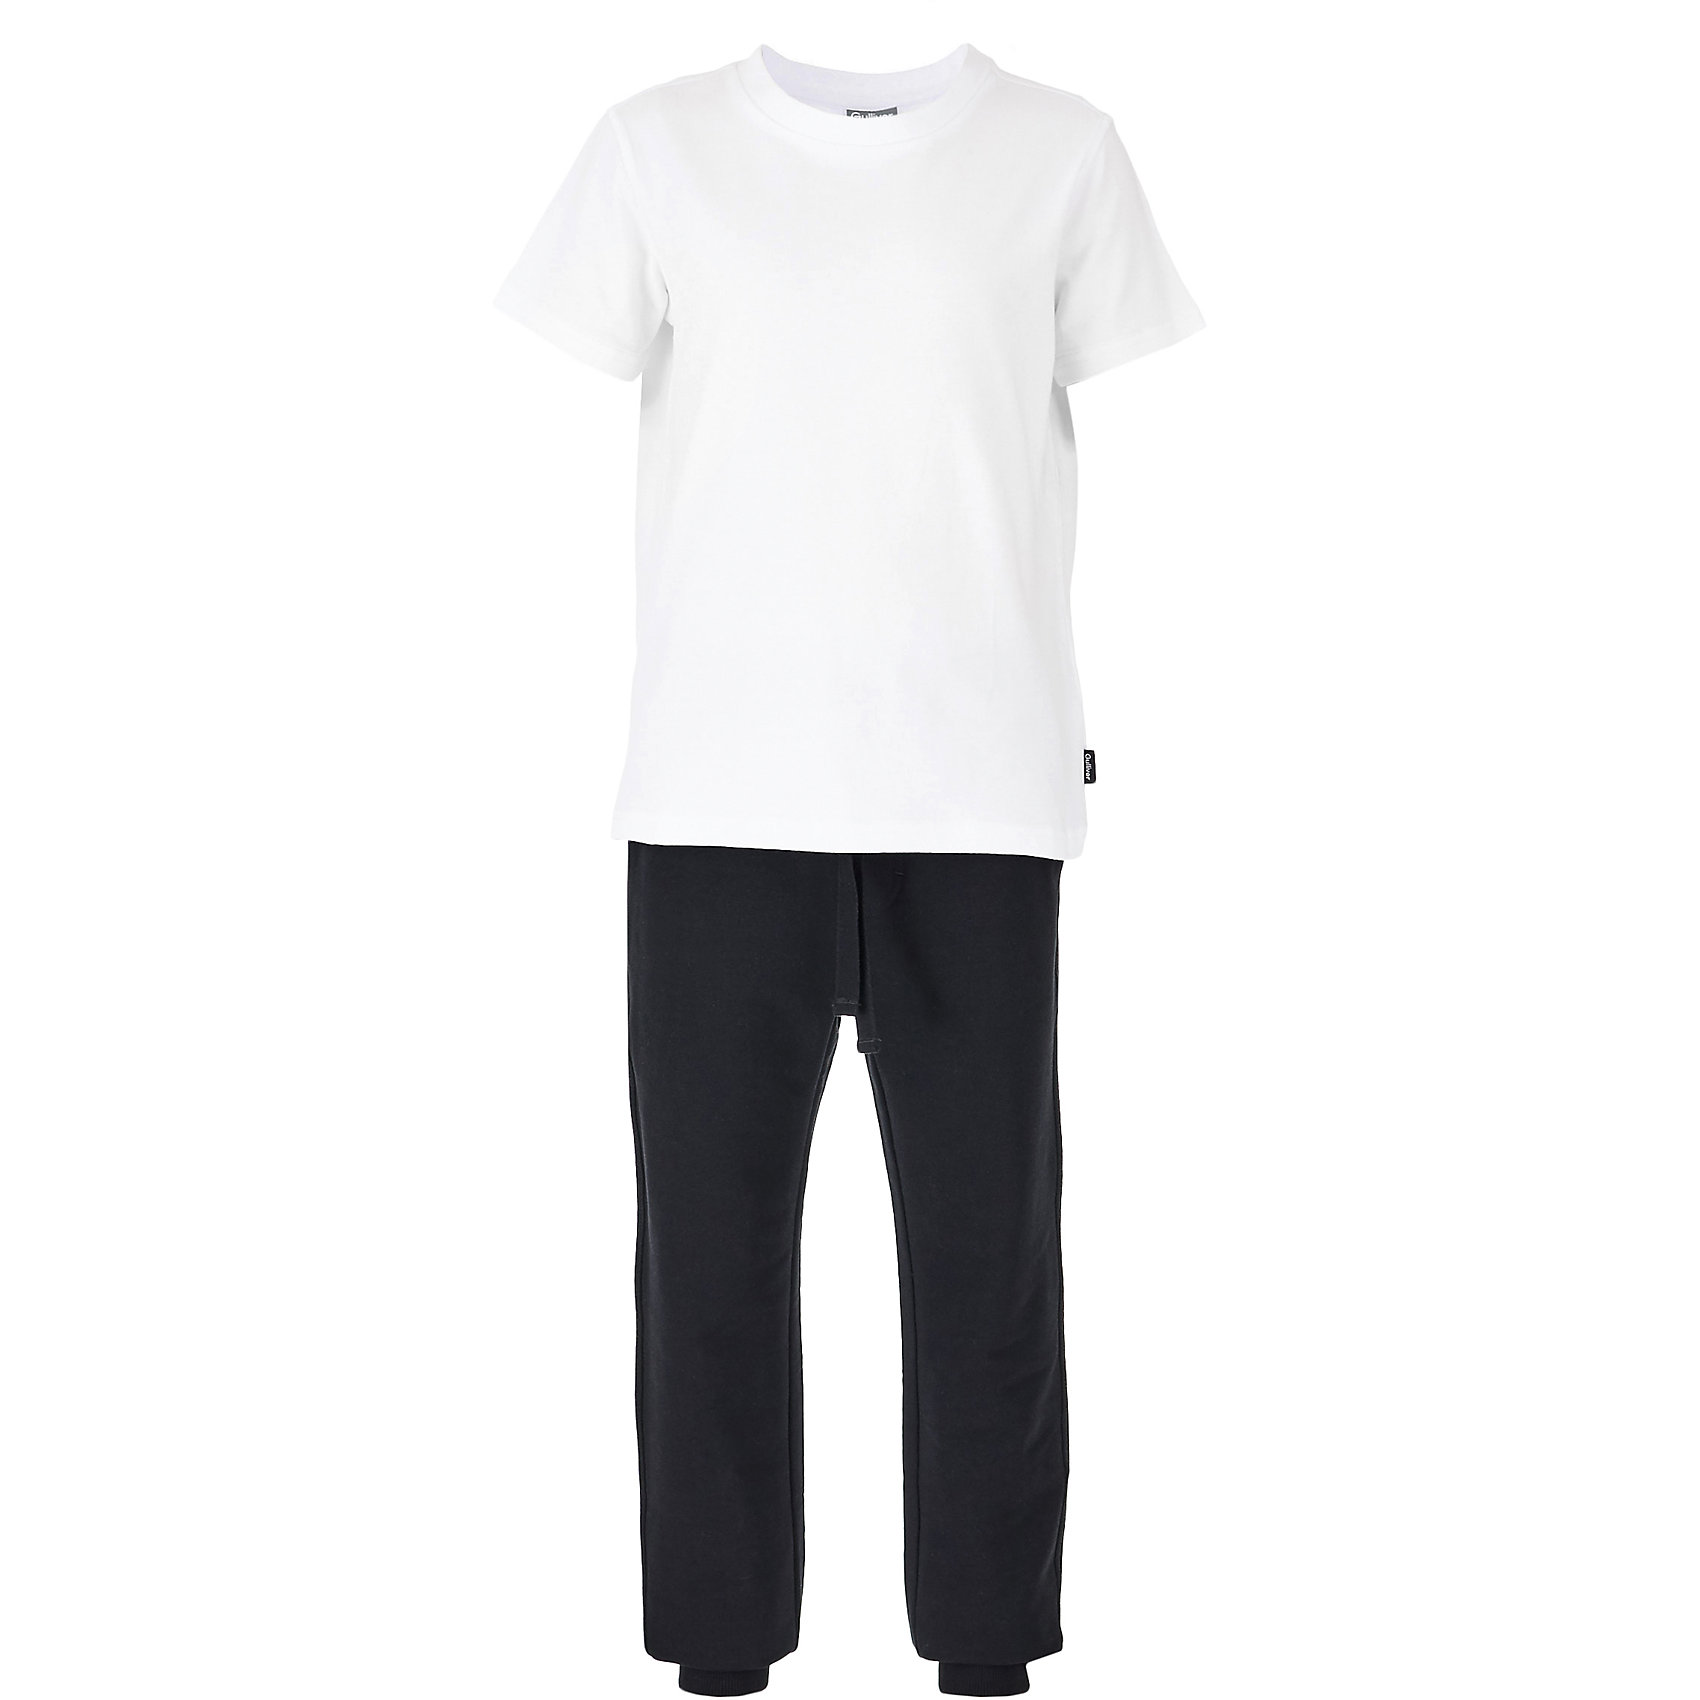 Комплект: футболка, брюки и мешок для мальчика GulliverСпортивная форма<br>Характеристики товара:<br><br>• цвет: белый, черный<br>• футболка: 95% хлопок, 5% эластан<br>• брюки: 95% хлопок, 5% эластан<br>• мешочек: 100% хлопок<br>• сезон: круглый год<br>• брюки на резинке<br>• дополнительный шнурок-завязка<br>• два прорезных кармана <br>• футболка однотонная<br>• особенности: для занятий физкультурой/спортом<br>• страна бренда: Российская Федерация<br>• страна производства: Российская Федерация<br><br>Школьная спортивная форма состоит из футболки и брюк. Брюки на резинке с дополнительным шнурком-завязкой. Внизу брюк эластичные манжеты. Однотонная футболка белого цвета. В комплекте мешочек, куда можно складывать форму.<br><br>Комплект: футболка, брюки и мешок для мальчика Gulliver (Гулливер) можно купить в нашем интернет-магазине.<br><br>Ширина мм: 215<br>Глубина мм: 88<br>Высота мм: 191<br>Вес г: 336<br>Цвет: белый<br>Возраст от месяцев: 144<br>Возраст до месяцев: 156<br>Пол: Мужской<br>Возраст: Детский<br>Размер: 158,122,128,134,140,146,152<br>SKU: 6678526